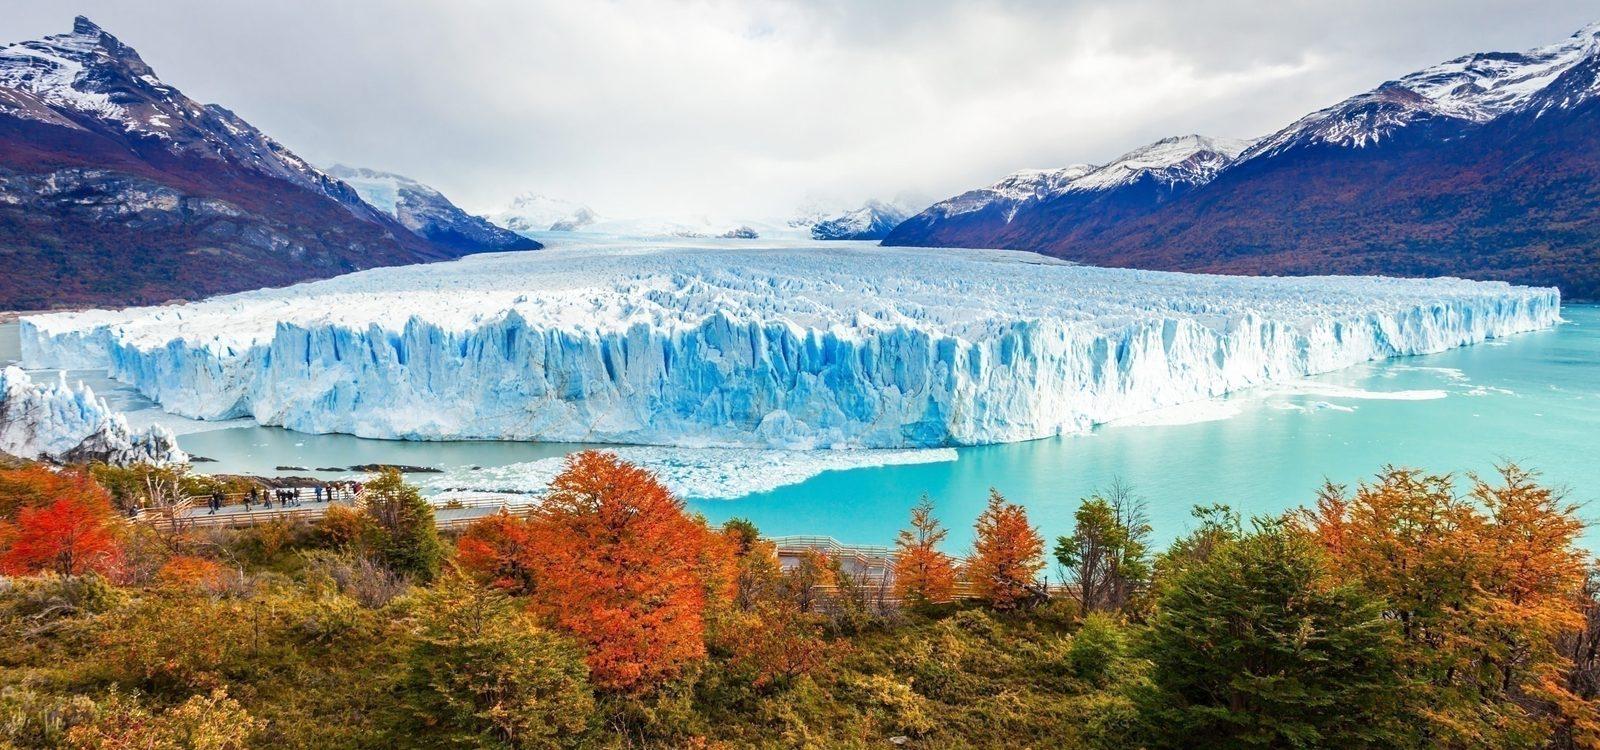 viaje a Argentina, Patagonia Calafate, Buenos Aires, Iguazu y Ushuaia